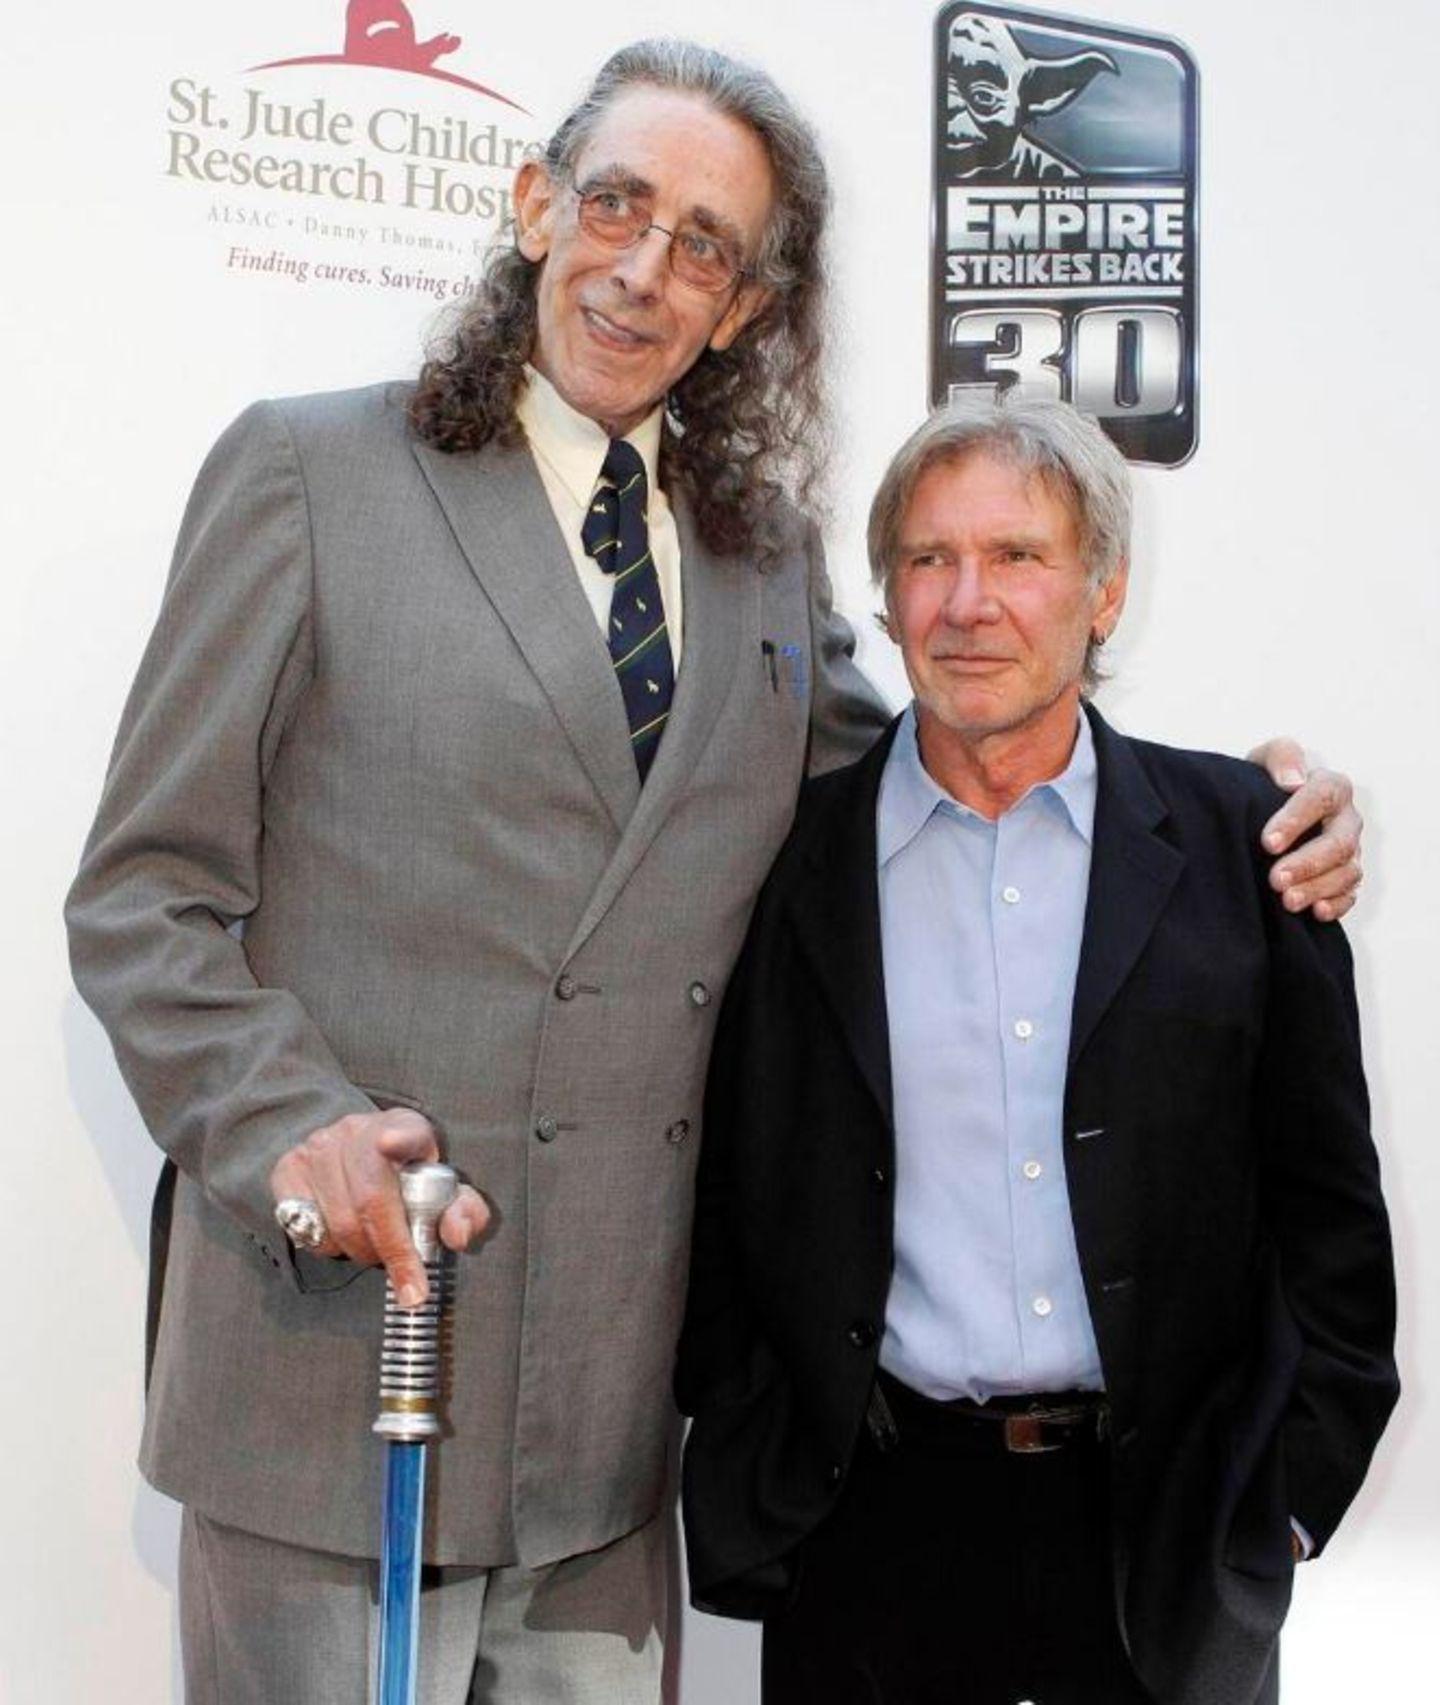 """Peter Mayhew hat auf Twitter zahlreiche Archiv-Fotos vom """"Star Wars""""-Dreh in den Siebziger Jahren veröffentlicht. Ein aktuelles Bild ist auch dabei: Hier ist er Harrison Ford, der """"Luke Skywalker"""" spielte, zu sehen.   Mayhew ist 2,18 Meter groß und hatte in der Vergangenheit mit gesundheitlichen Problemen zu kämpfen. 2013 bekam er künstliche Kniegelenke."""